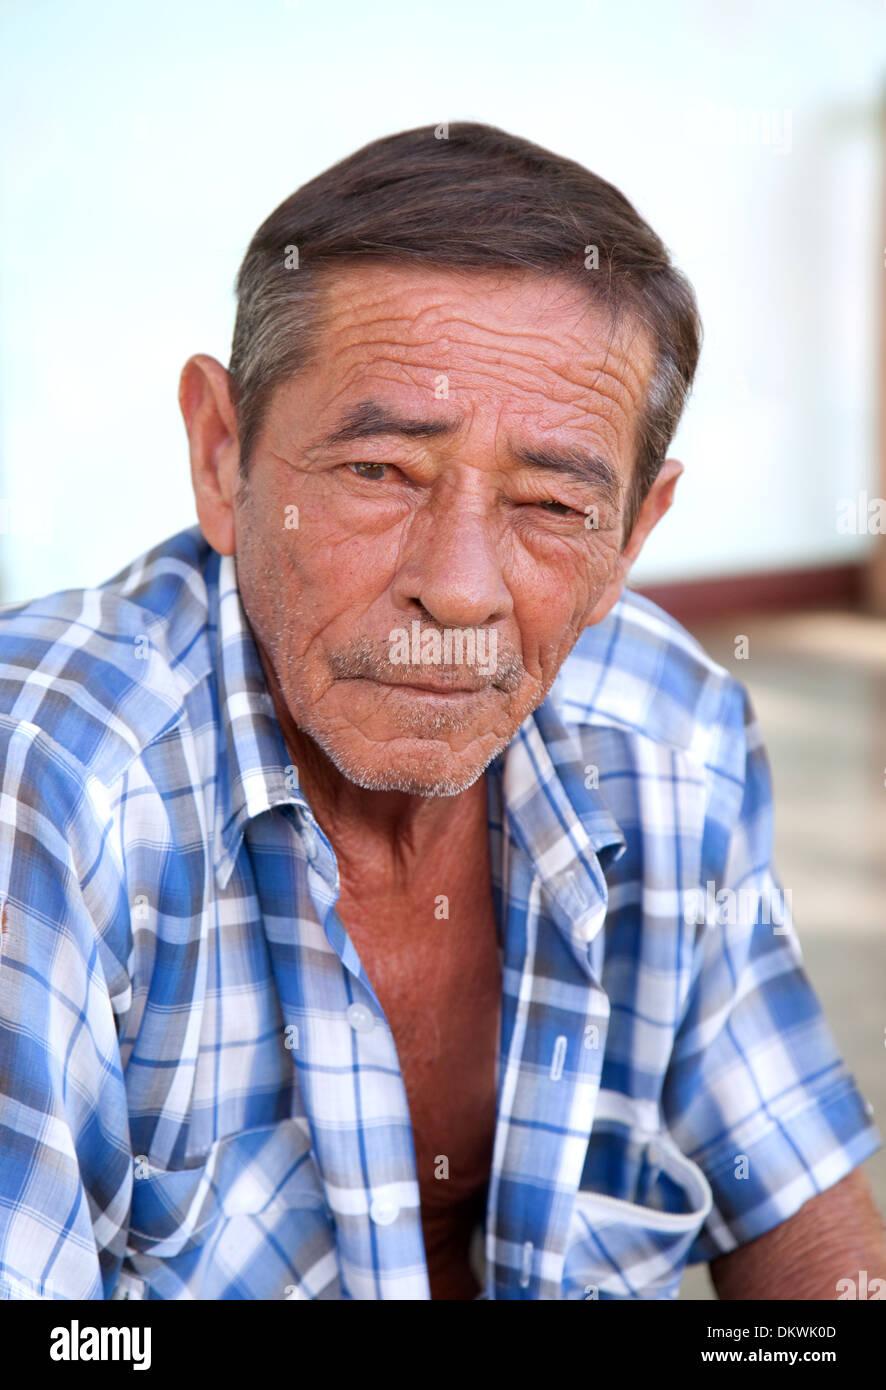 Kubanische Mann, Mitte im Alter, Alter 50er Jahre, Kopf und Schultern Porträt, Vinales Stadt Kuba Karibik Stockbild